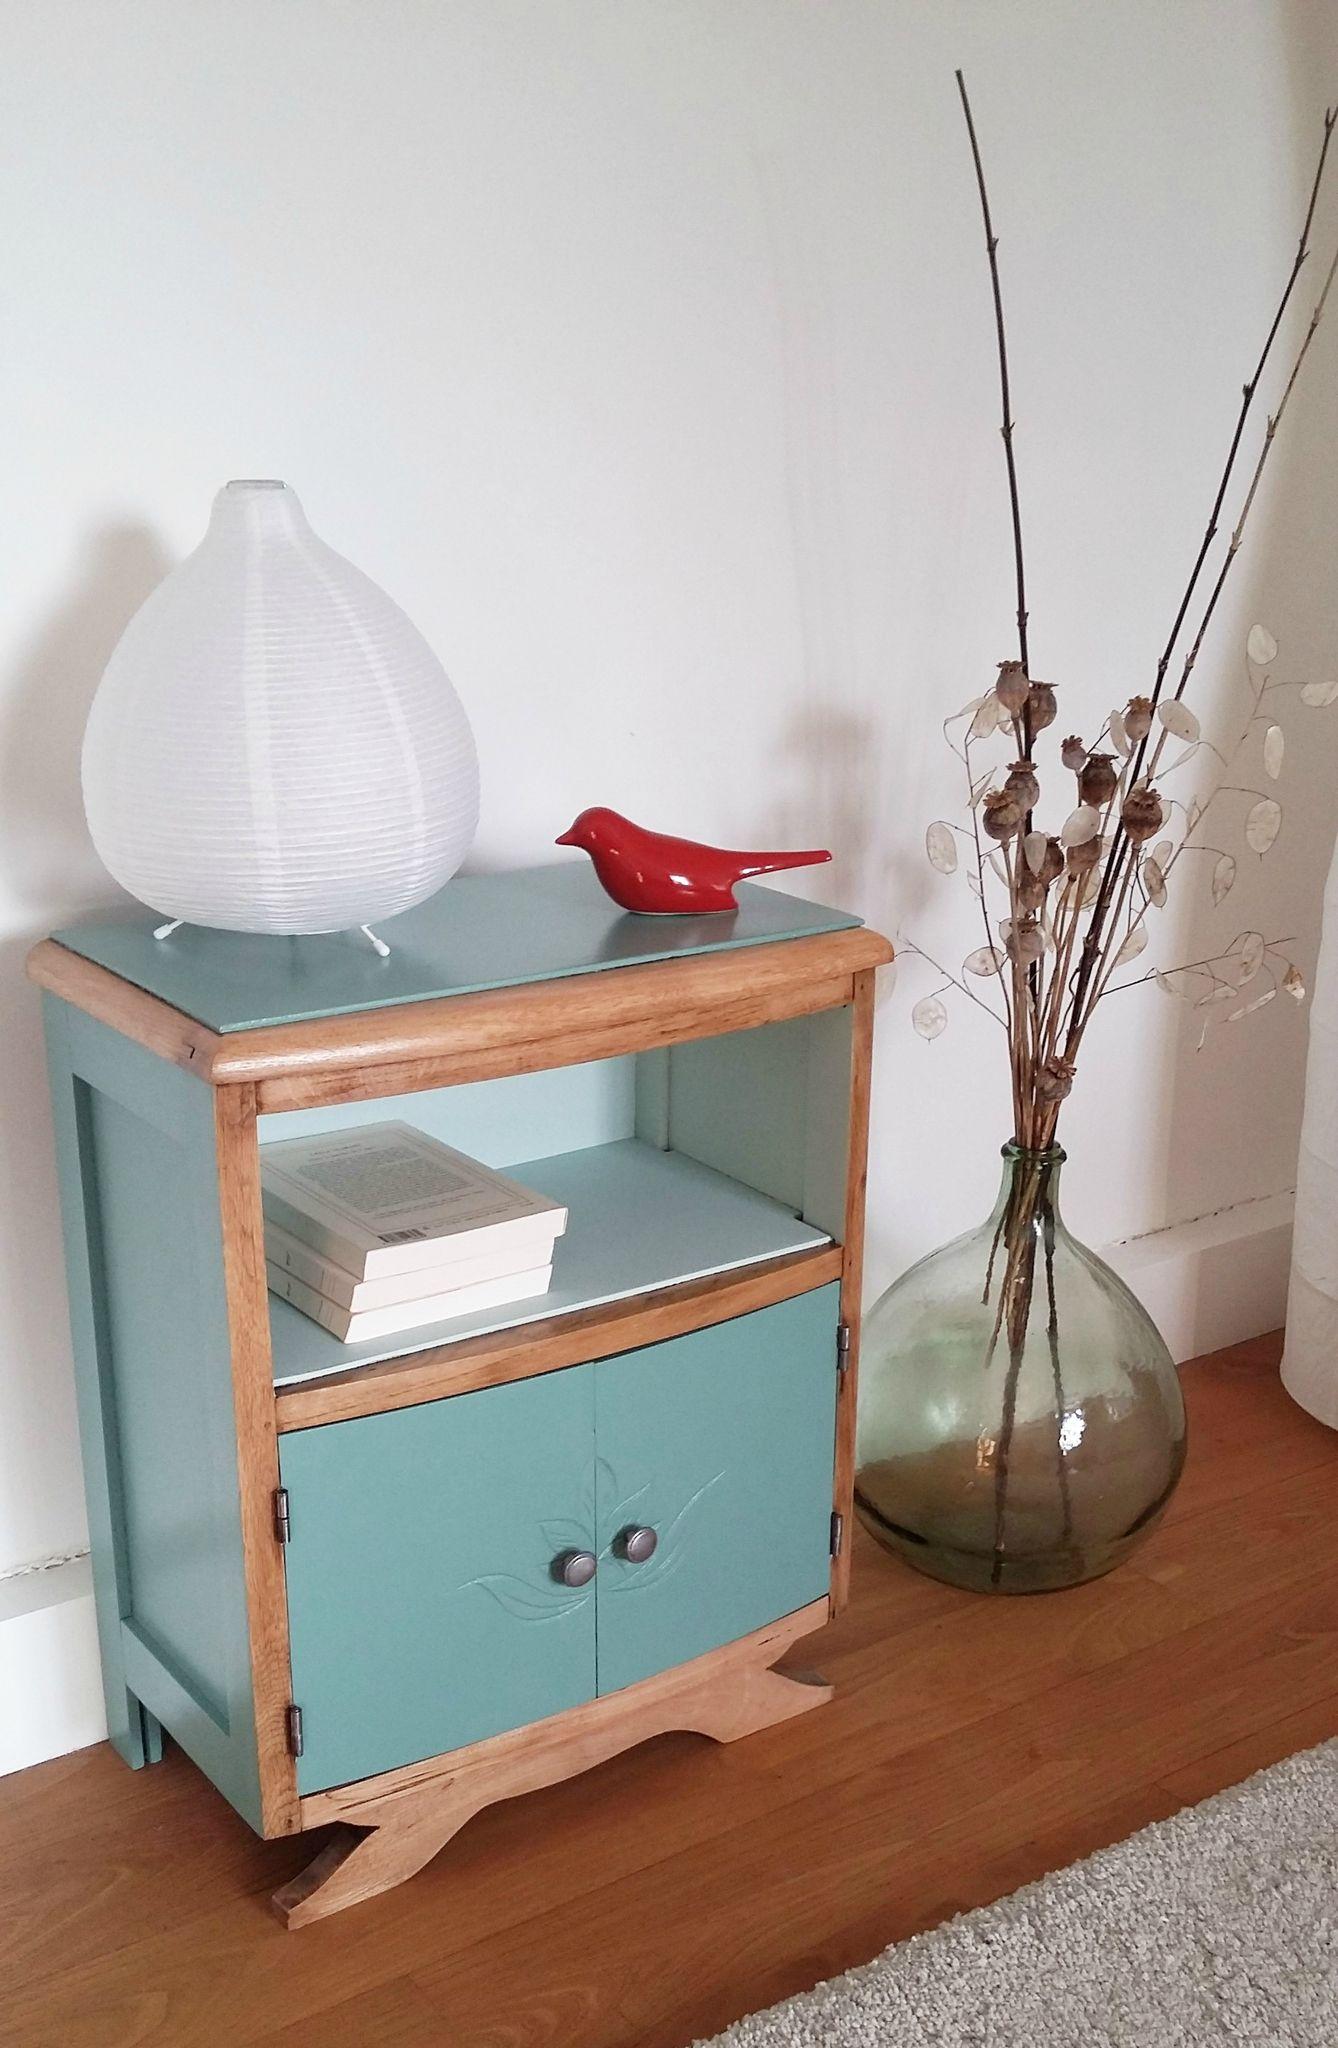 Table de chevet vintage ann es 30 vert revisit e mobilier en 2019 chevet vintage mobilier - Meuble des annees 30 ...